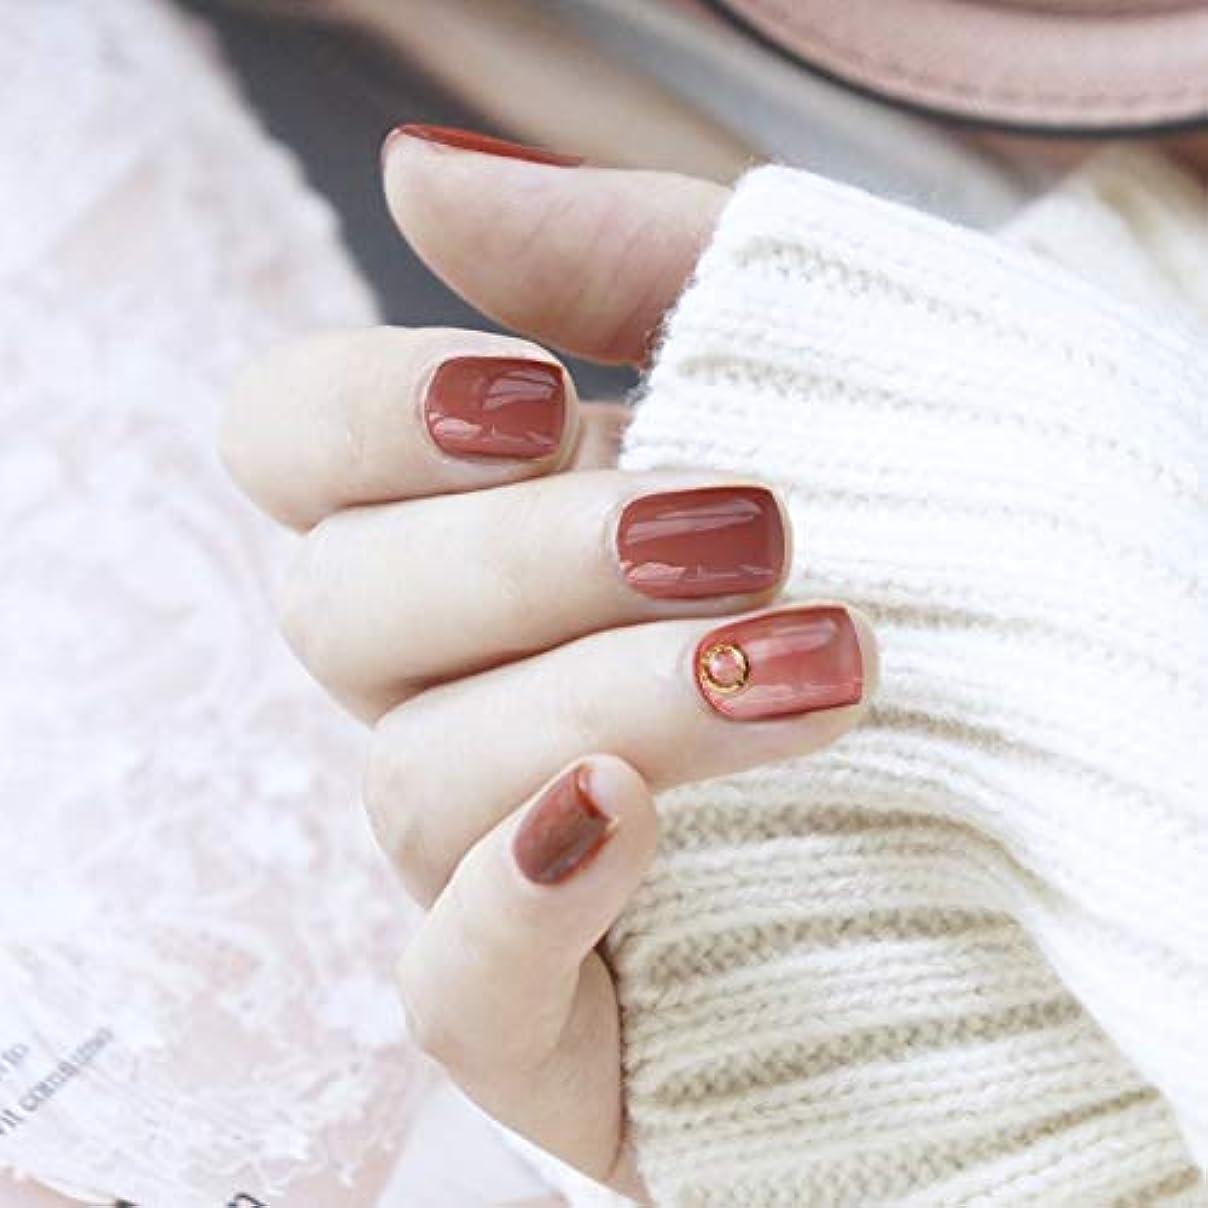 カップテキスト生むVALEN Nail Patch ネイルチップ 手作りネイルチップ ネイルジュエリー つけ爪 24枚入 フルチップ シンプル 結婚式、パーティー、二次会などに ネイルアート 赤